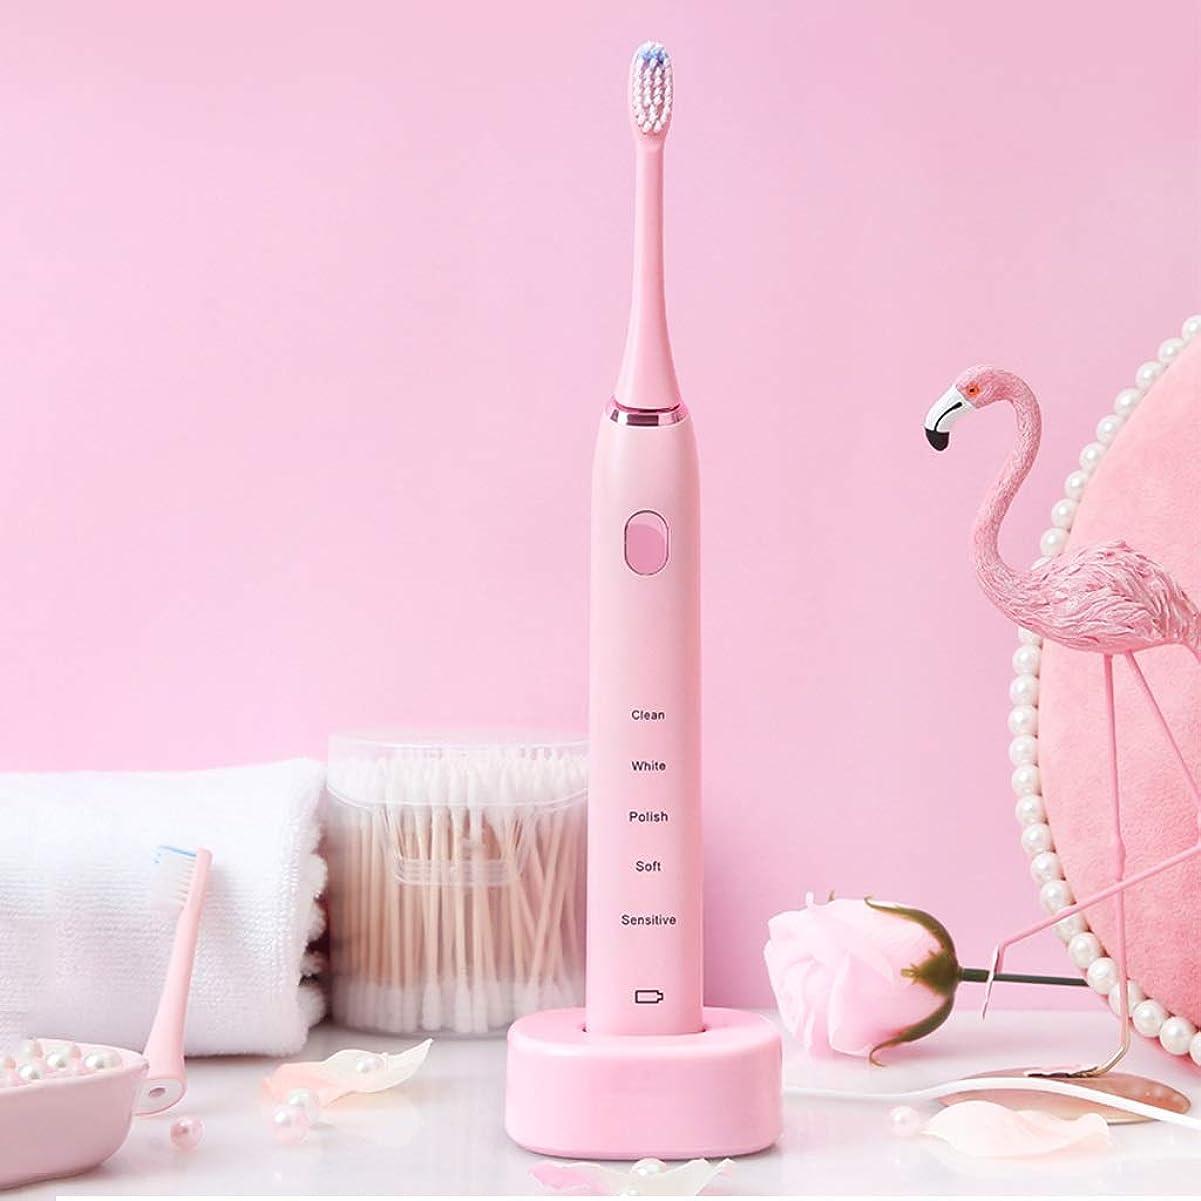 赤外線申込みコール電動歯ブラシ 音波再充電可能な電動歯ブラシの防水深くきれいな剛毛の理性的な歯ブラシ (色 : ピンク)